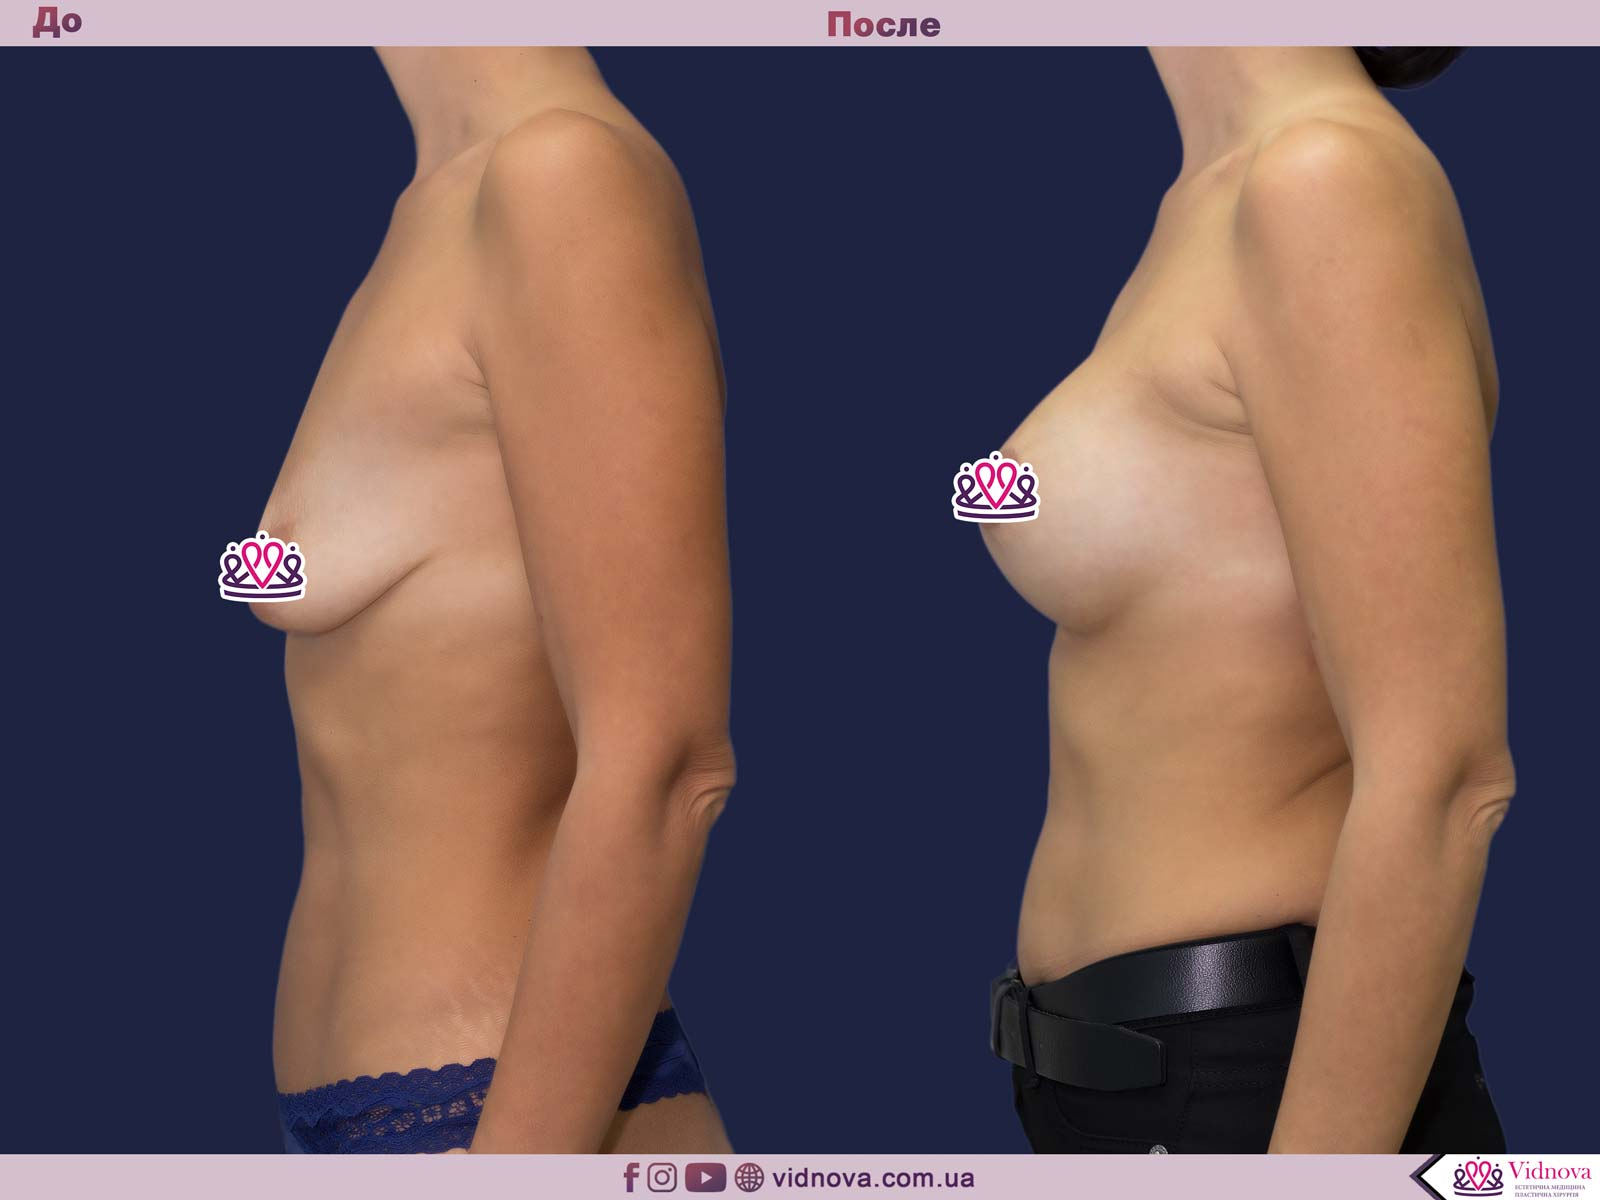 Пластика груди: результаты до и после - Пример №25-2 - Светлана Работенко